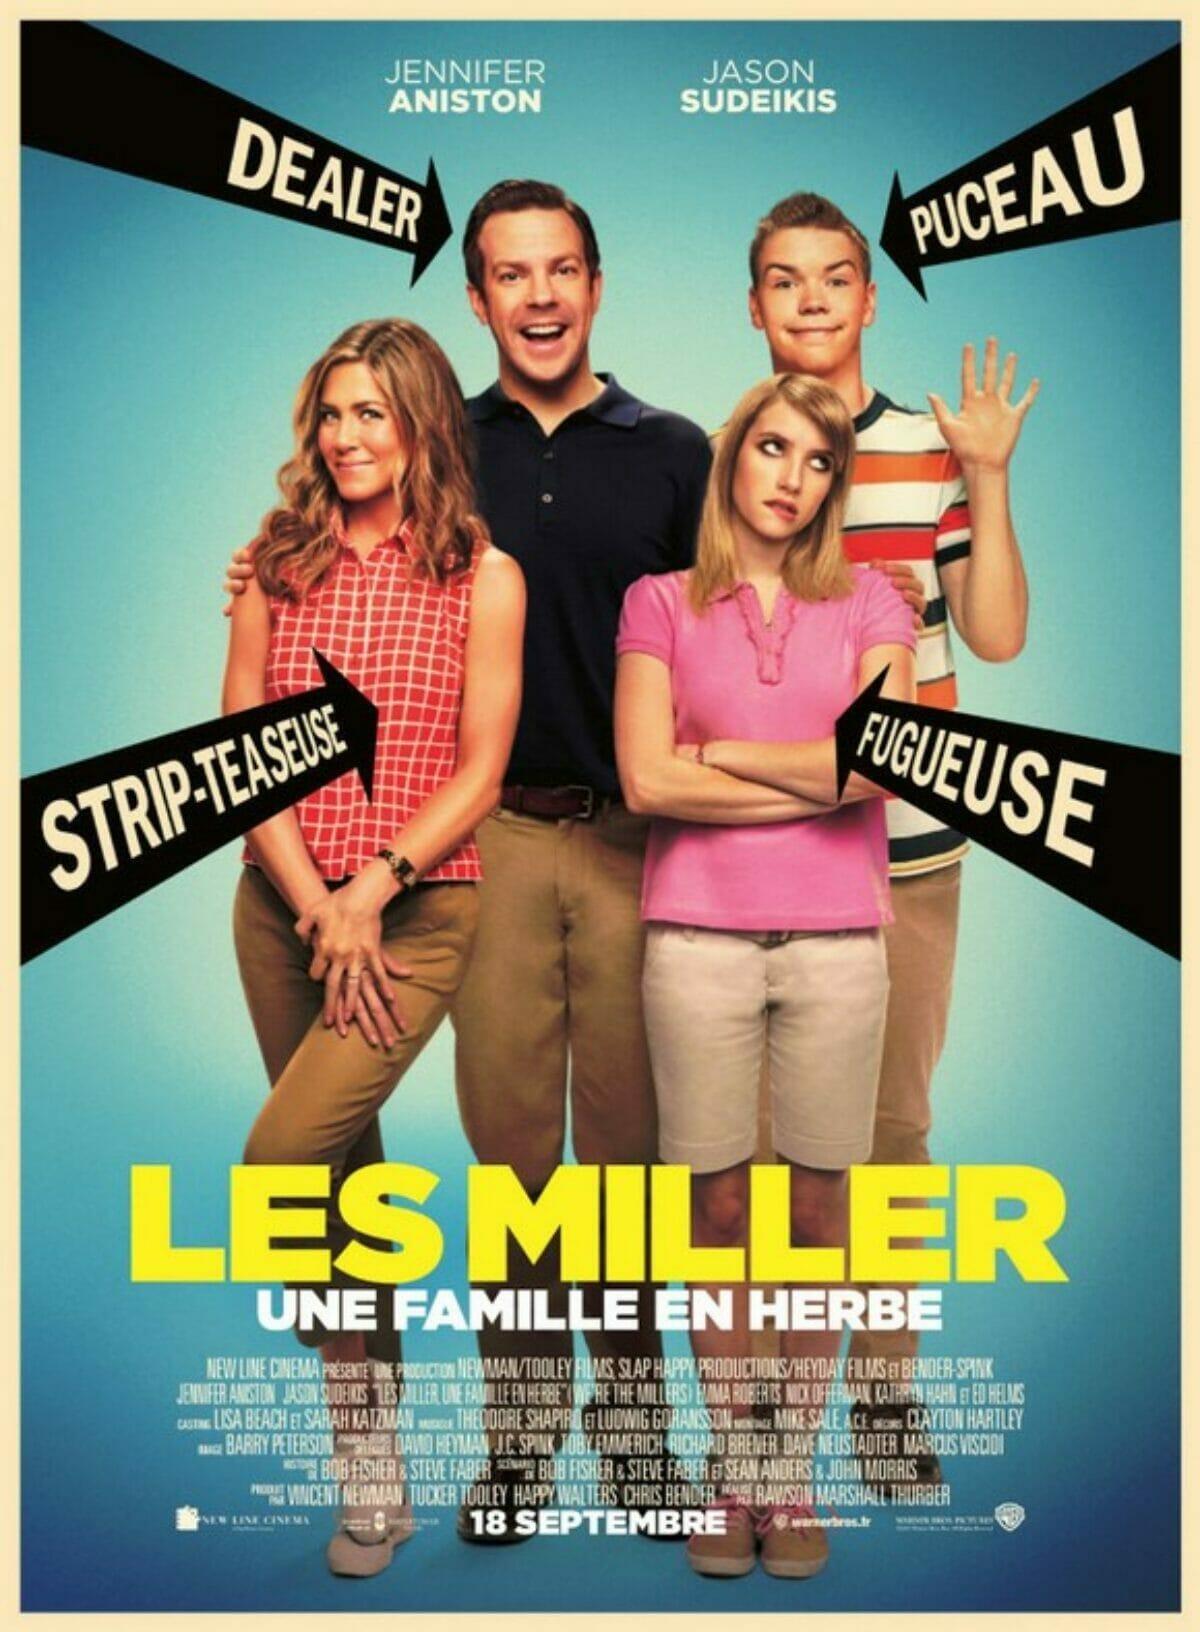 Les-Miller-une-famille-en-herbe-affiche